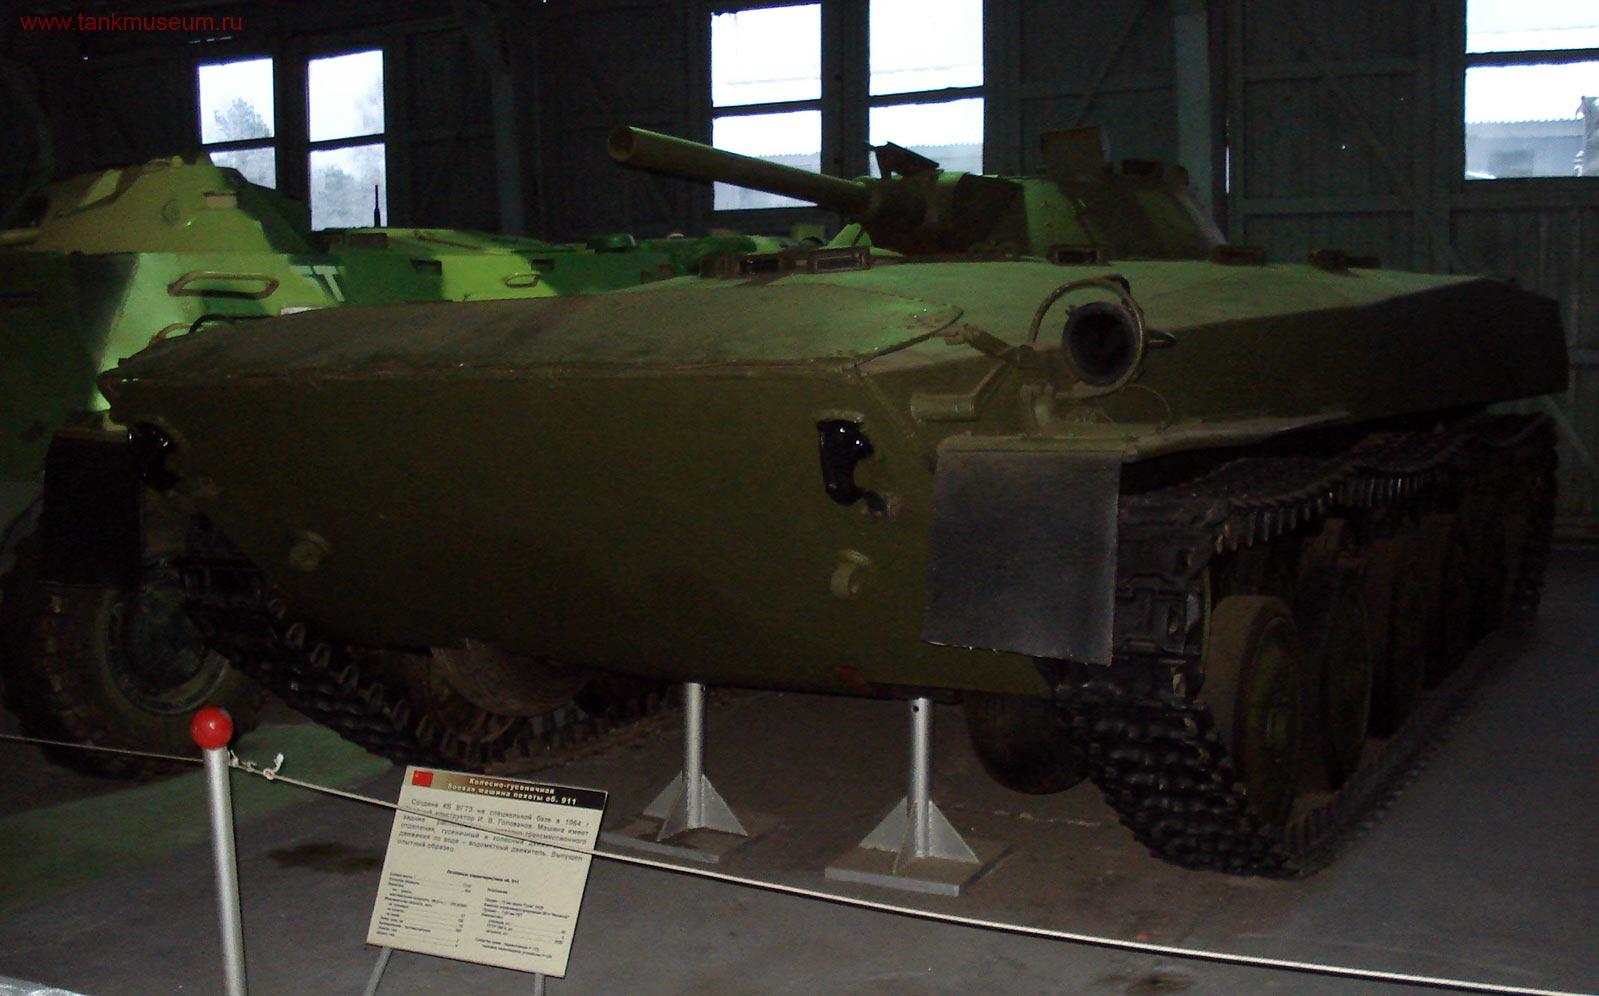 """Колесно-гусеничная боевая машина пехоты """"объект 911"""""""